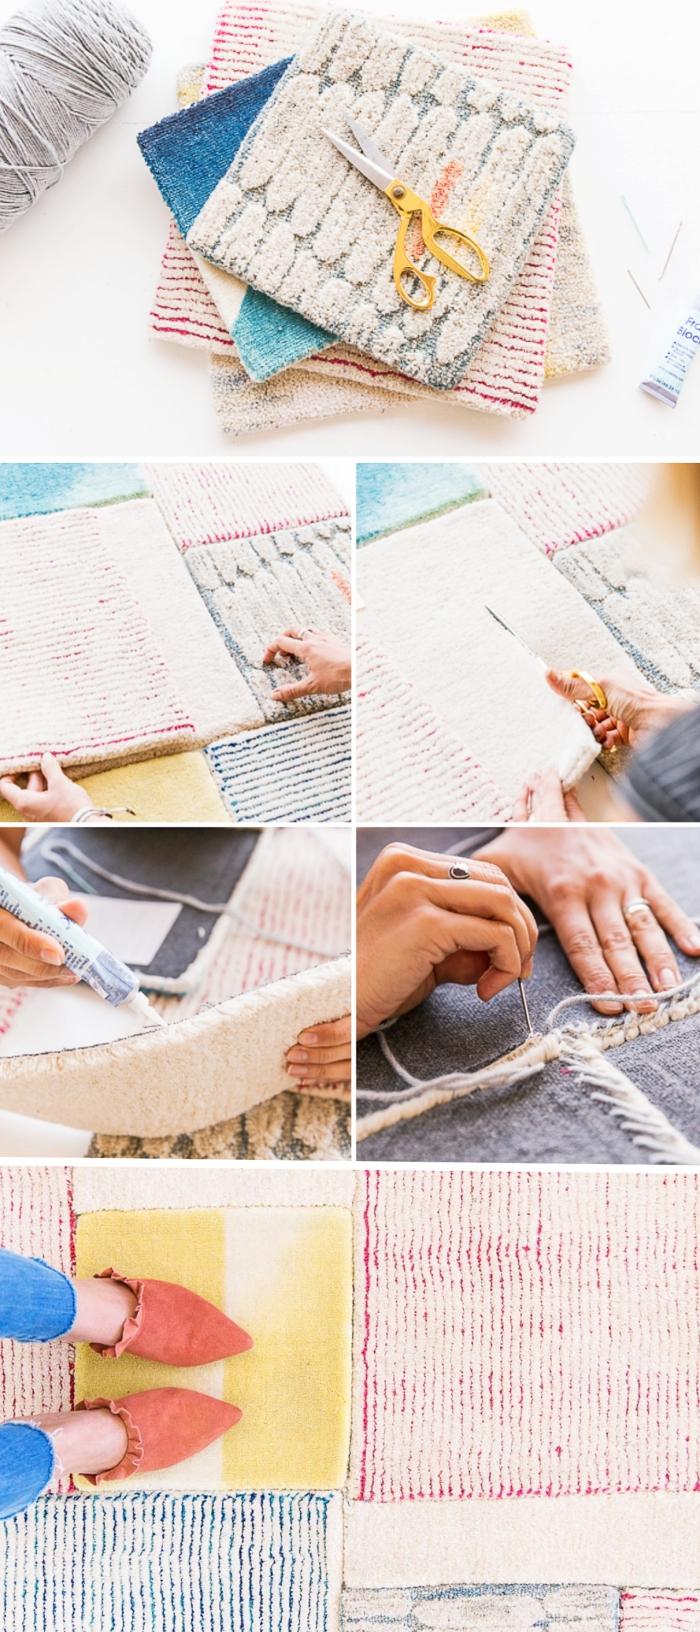 tutoriel pour apprendre comment coudre un tapis à design patchwork aux couleurs pastel, modèle de tapis tissé